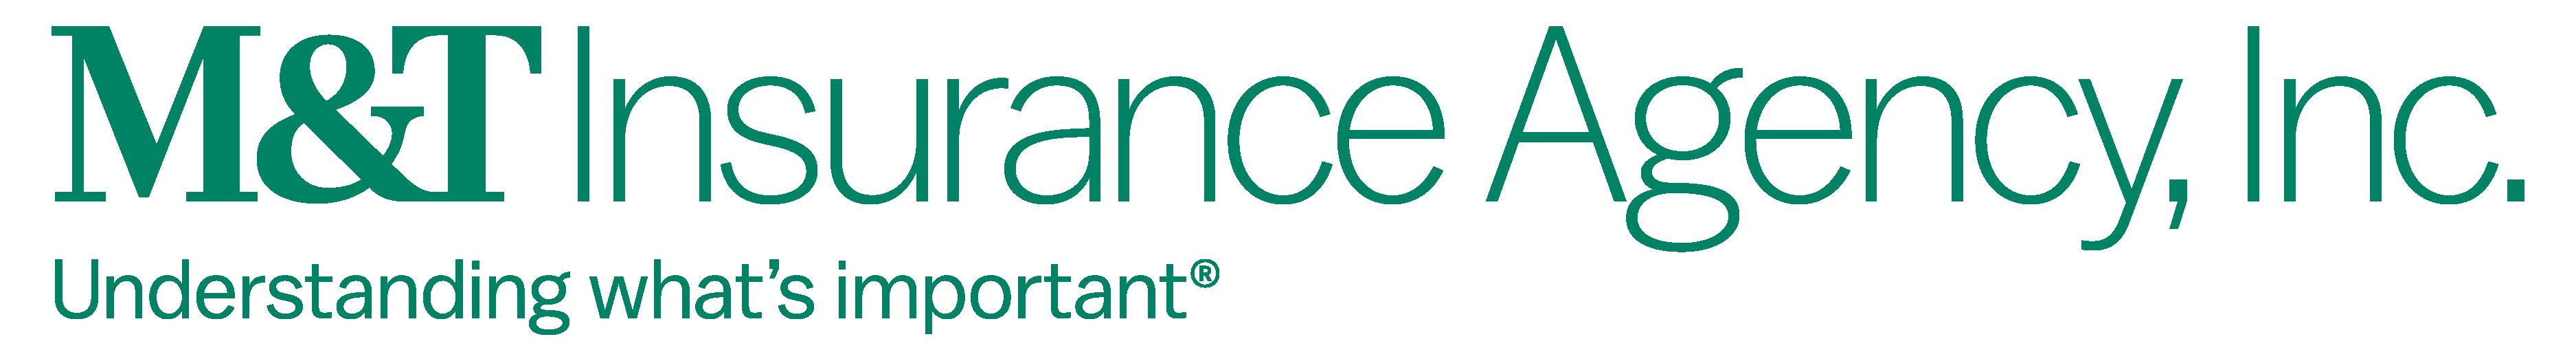 M&T Insurance Agency